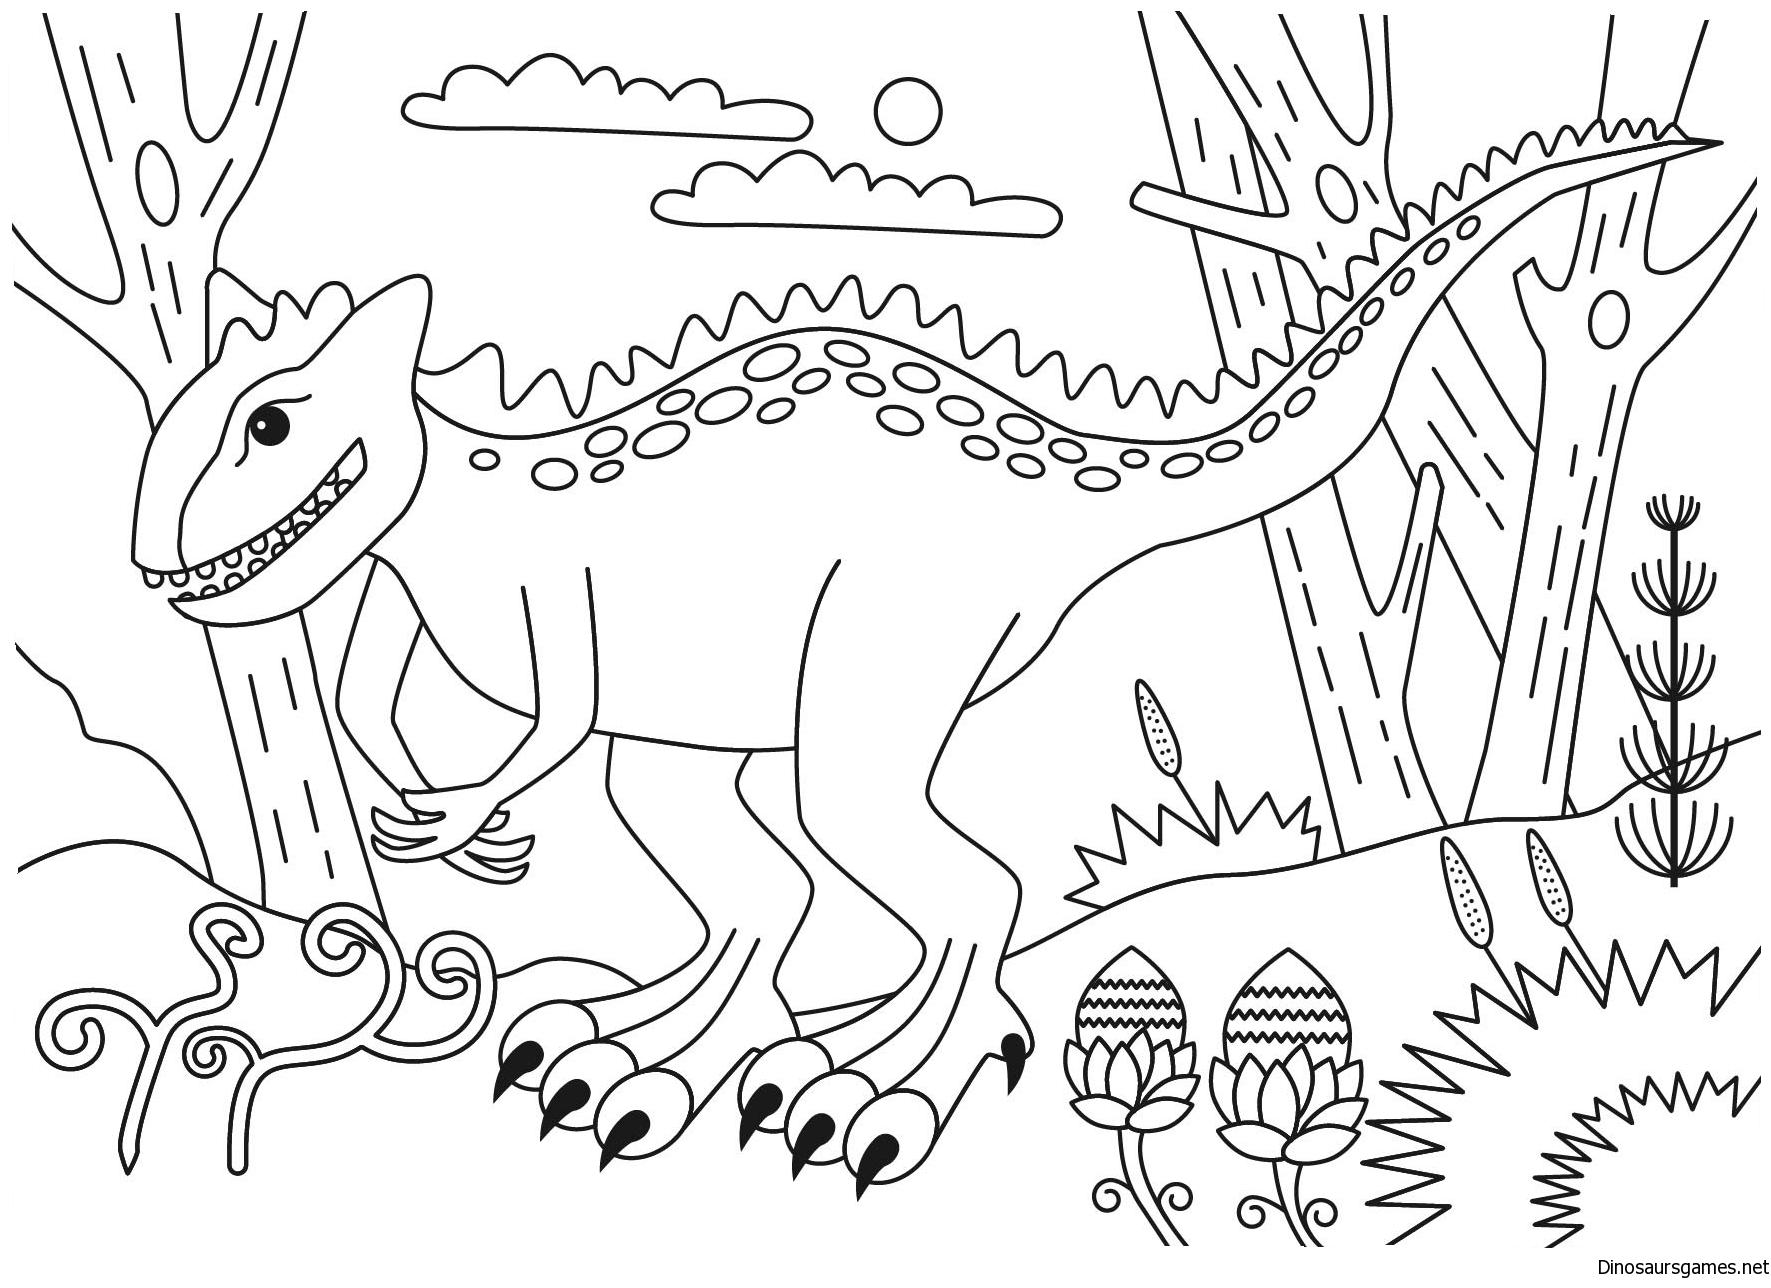 jpg freeuse . Carnotaurus Dinosaur Coloring Page